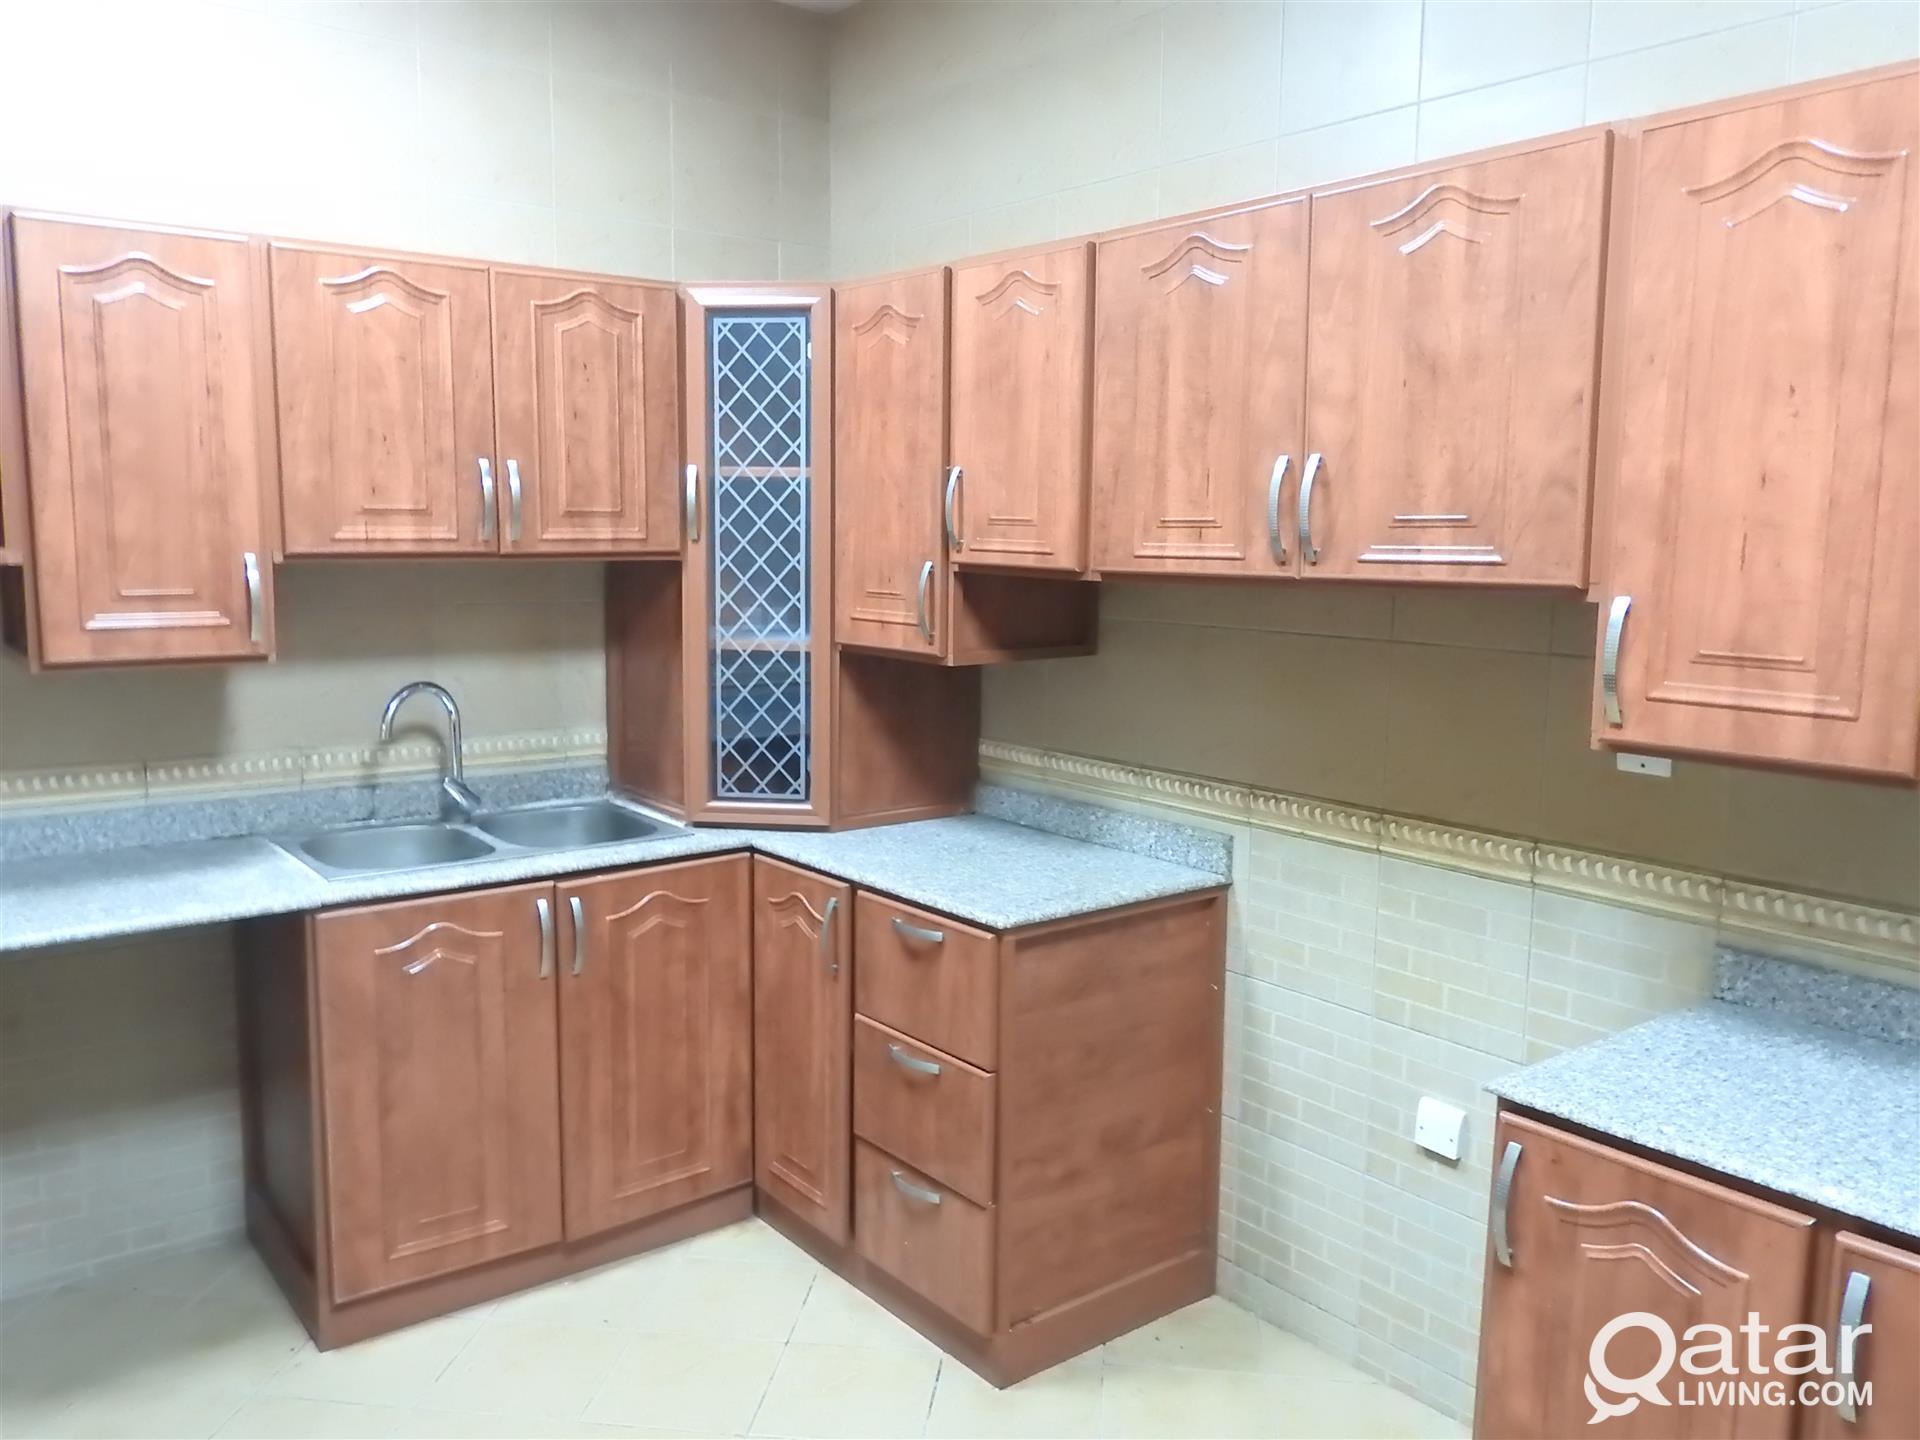 3 BHK Available in Mansoura - Bin Dirham